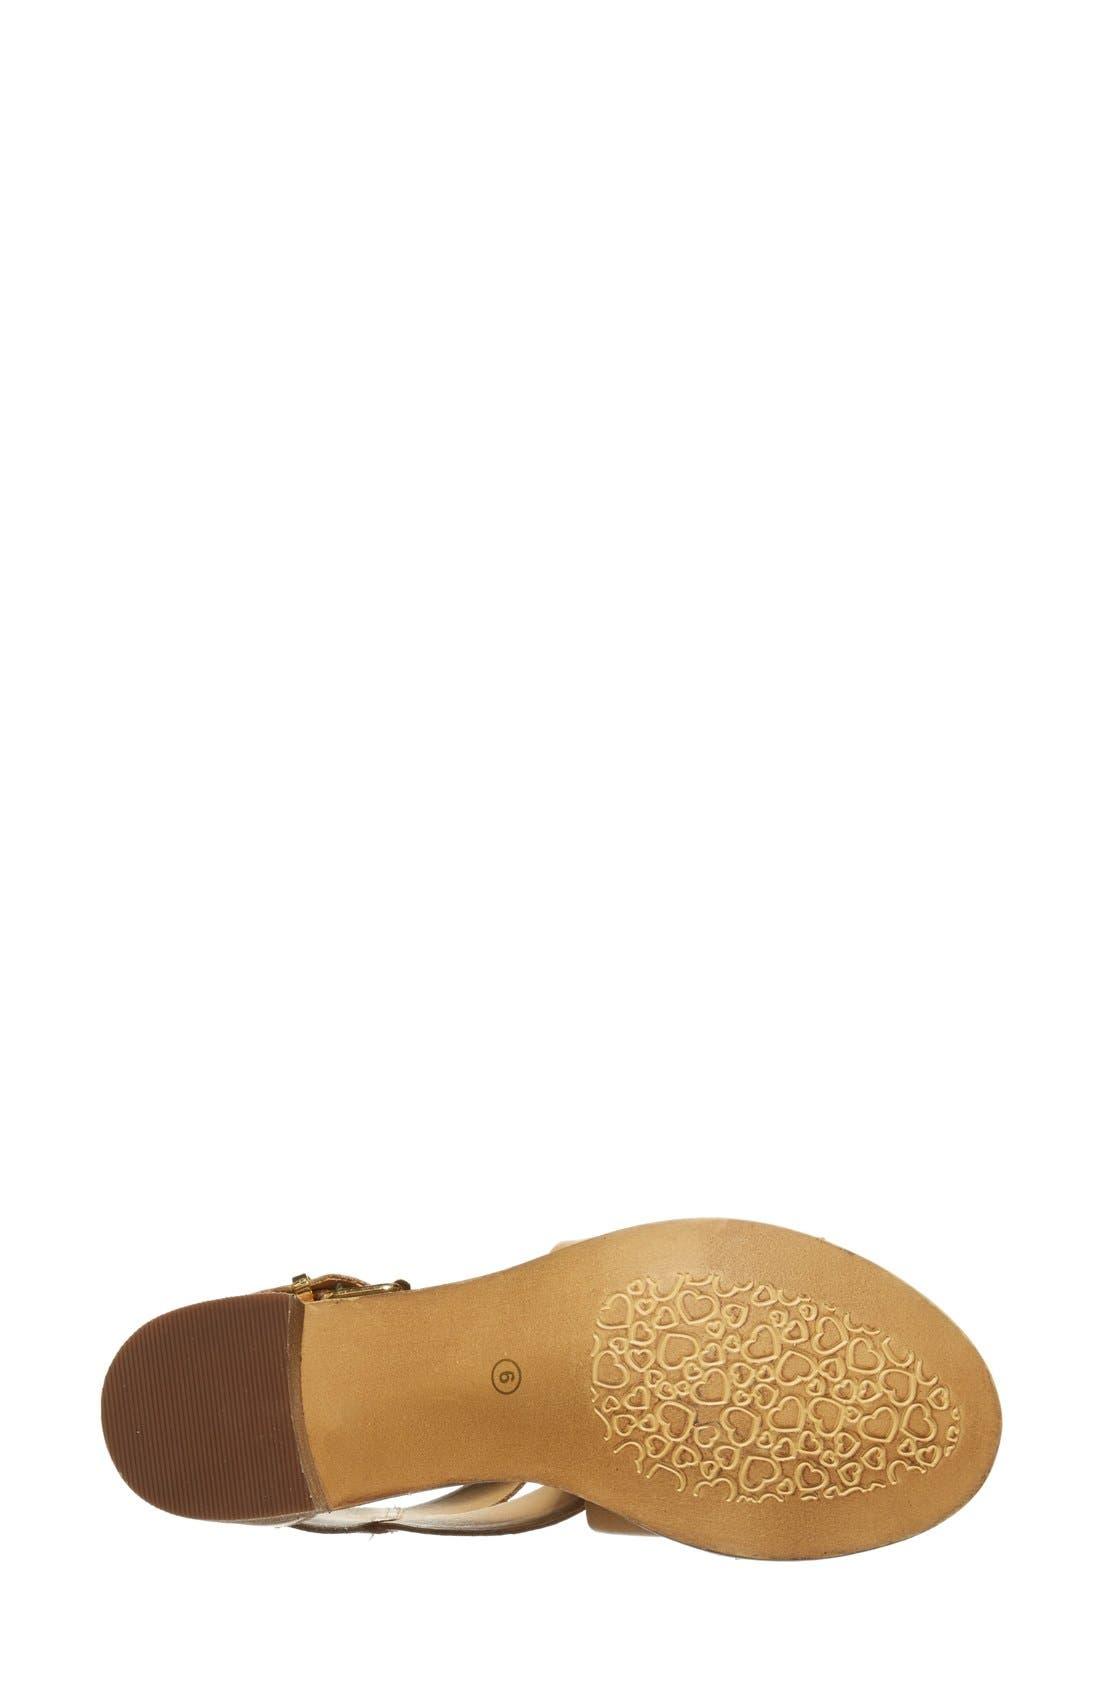 Alternate Image 4  - Steve Madden 'Rosana' Double Ankle Strap Leather Sandal (Women)